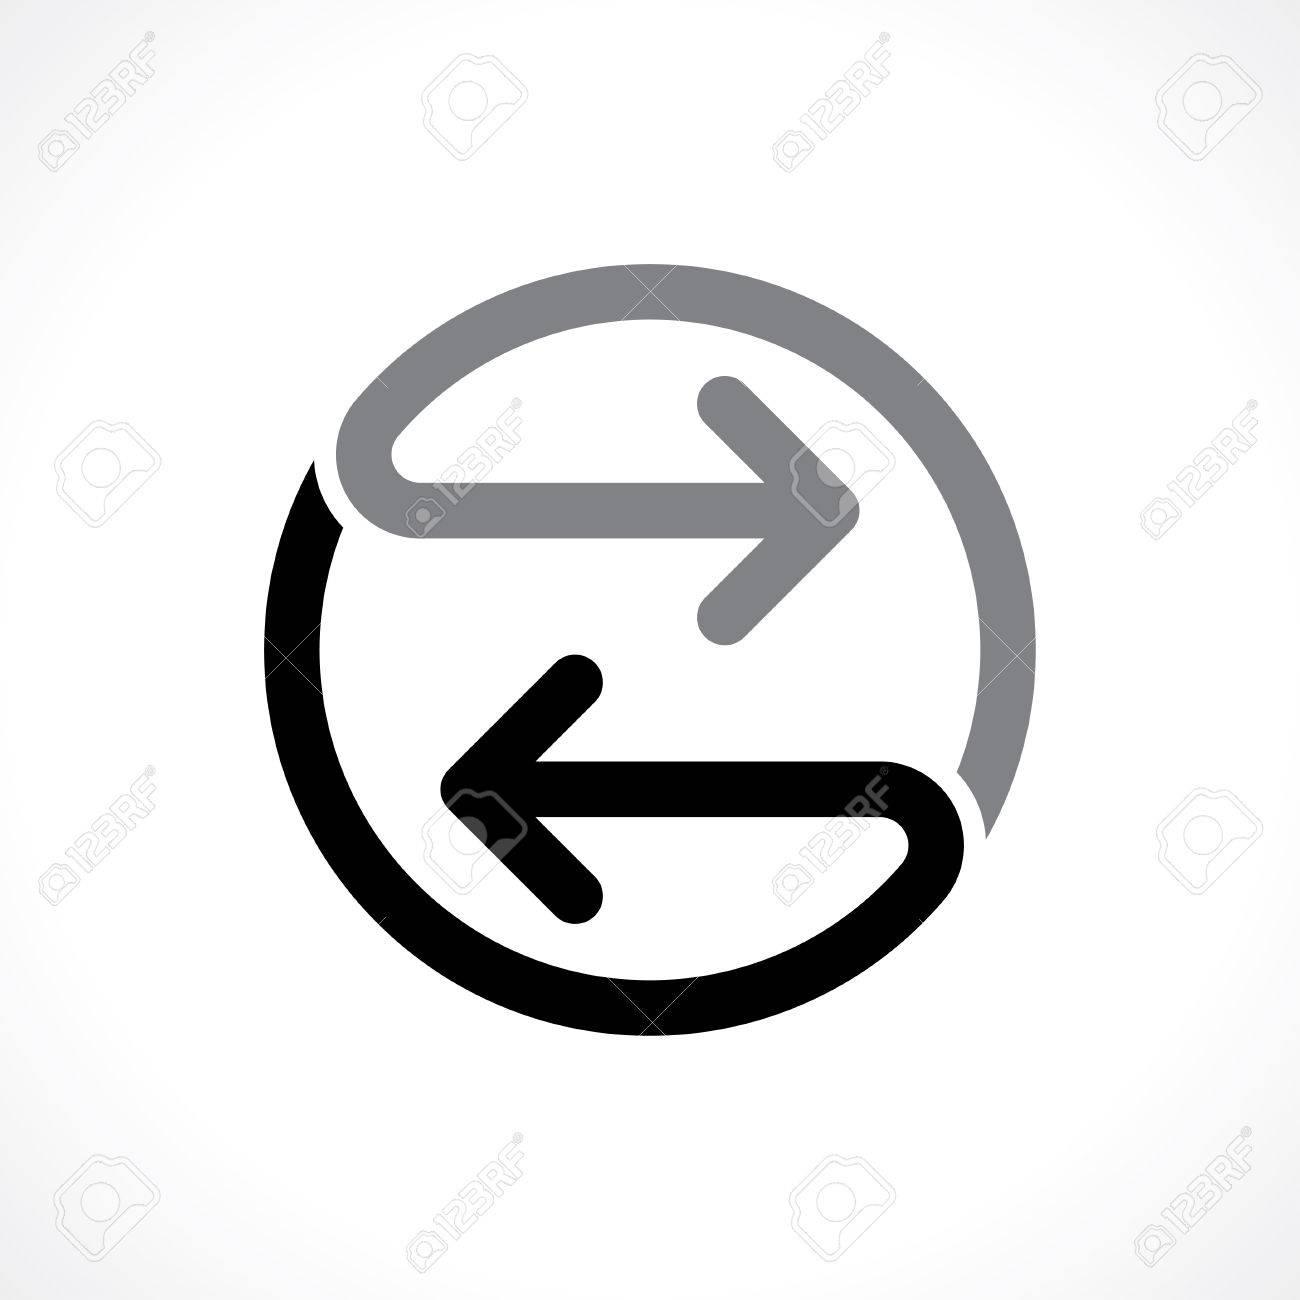 双方向矢印アイコンのイラスト素材・ベクタ - Image 46672779.